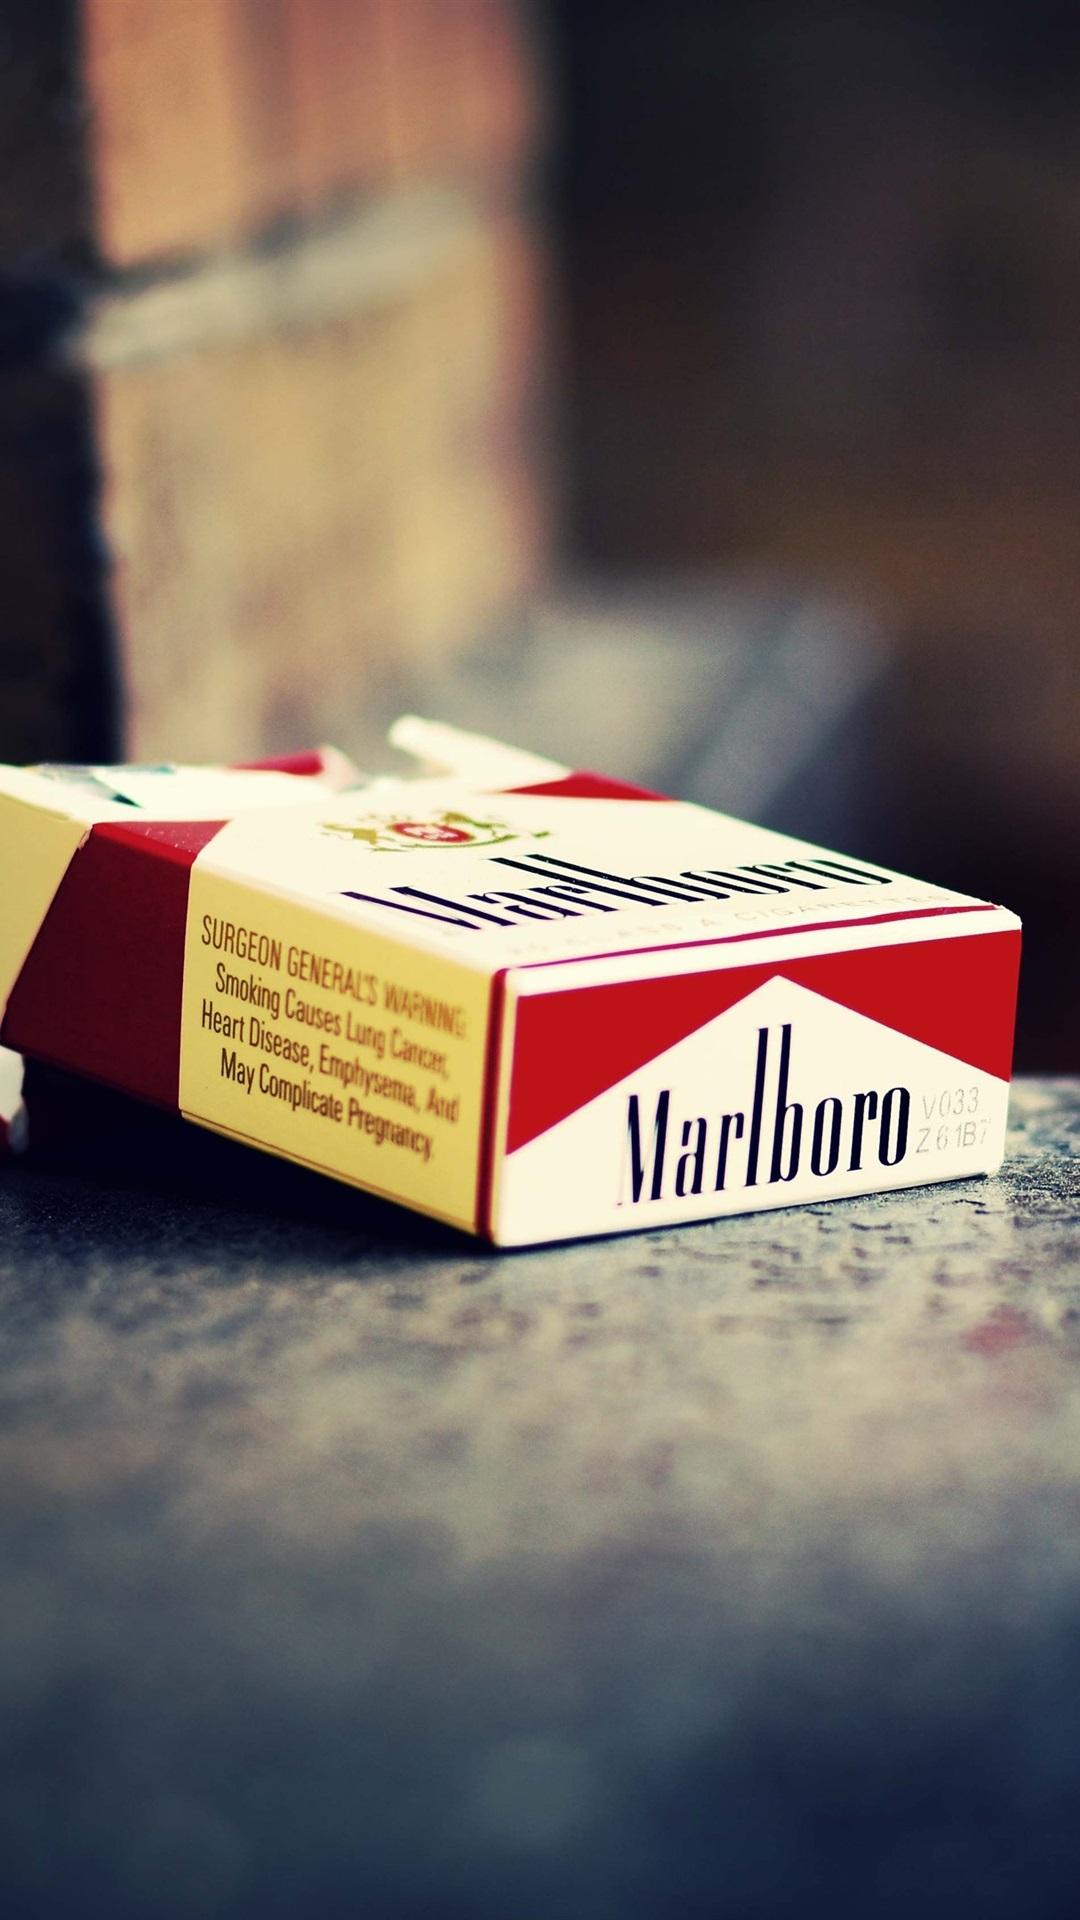 Wallpaper Cigarette Box 3840x2160 Uhd 4k Picture Image